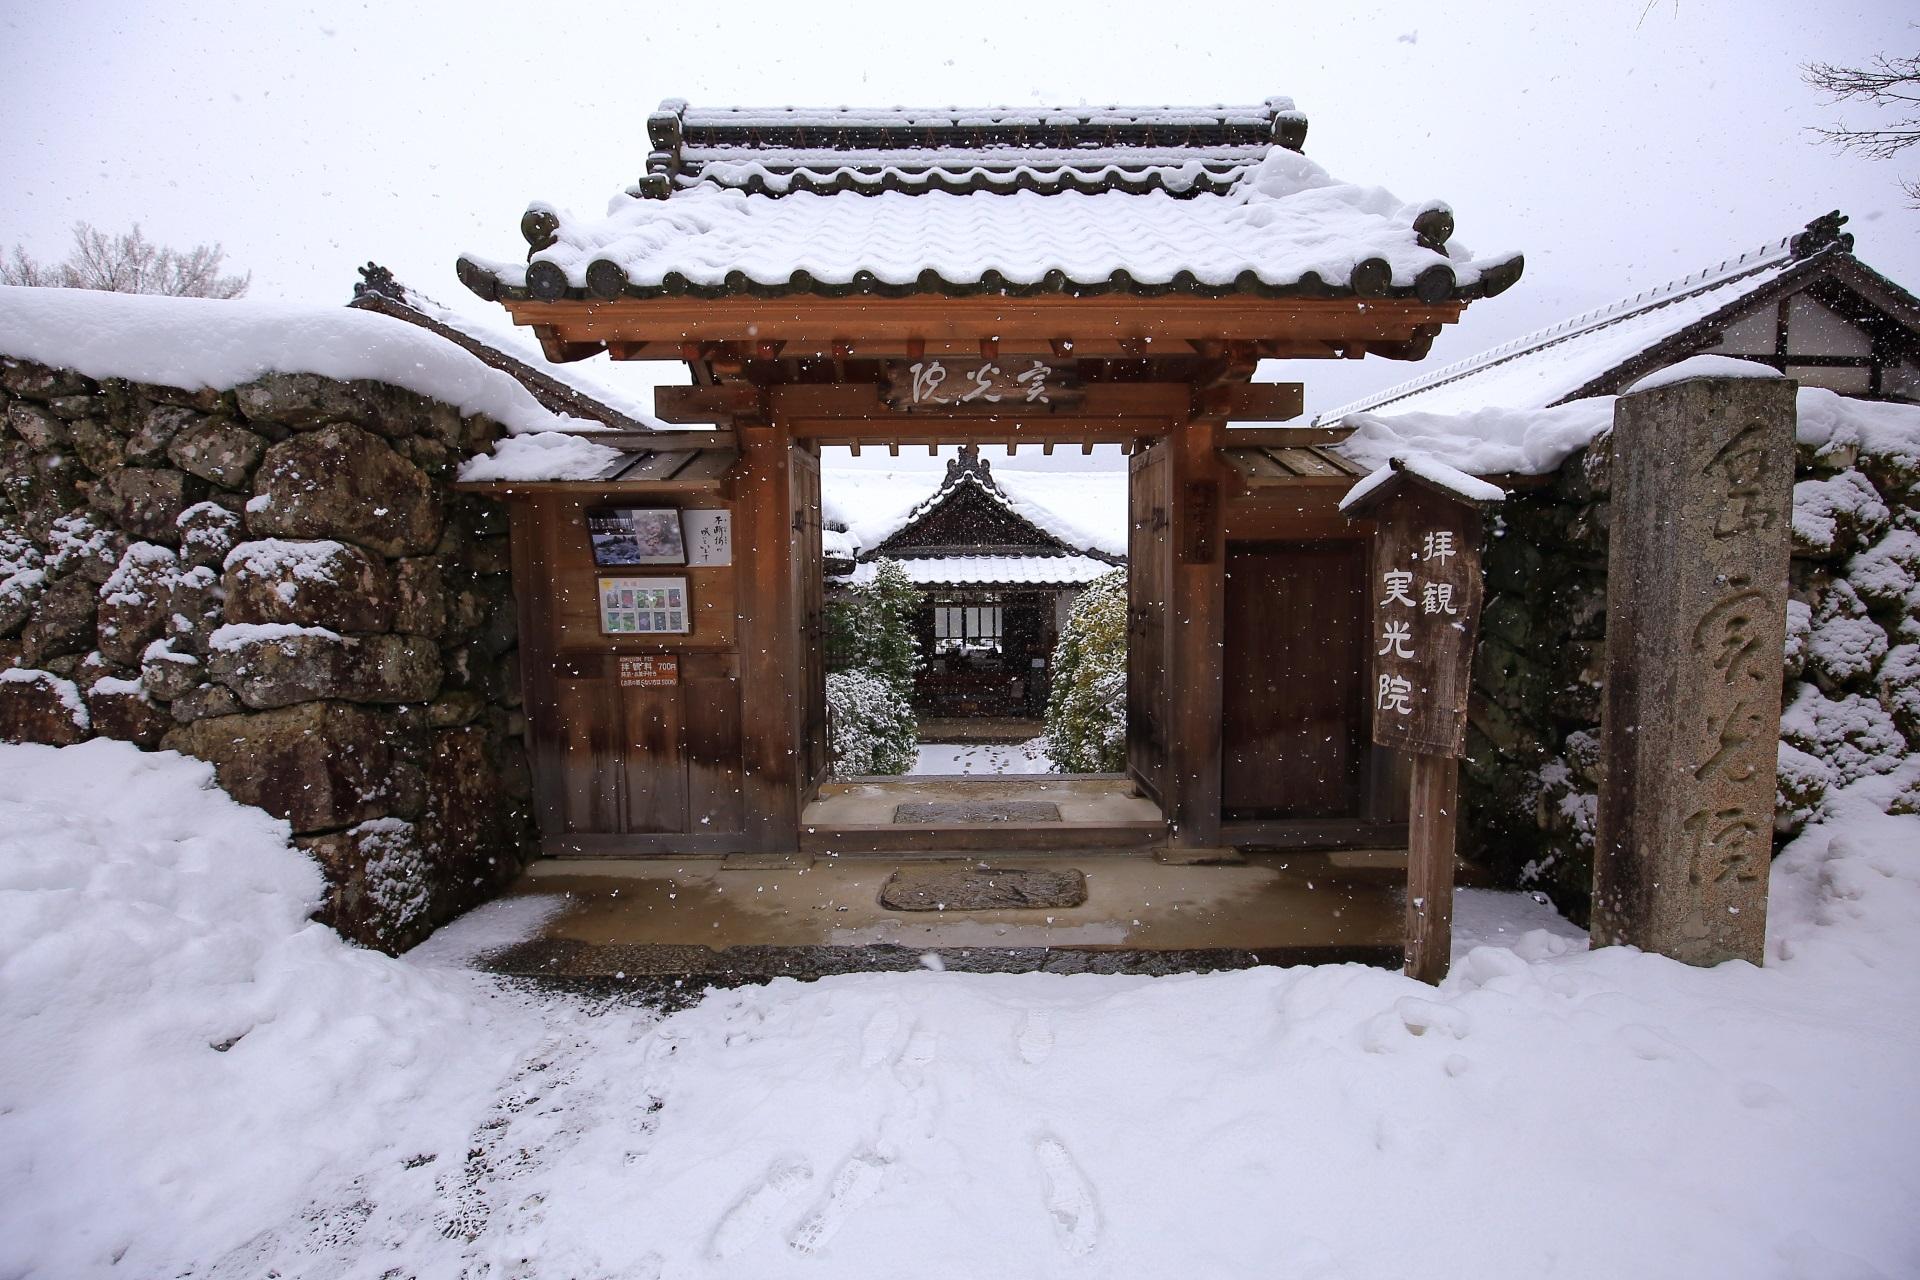 実光院の山門の雪景色